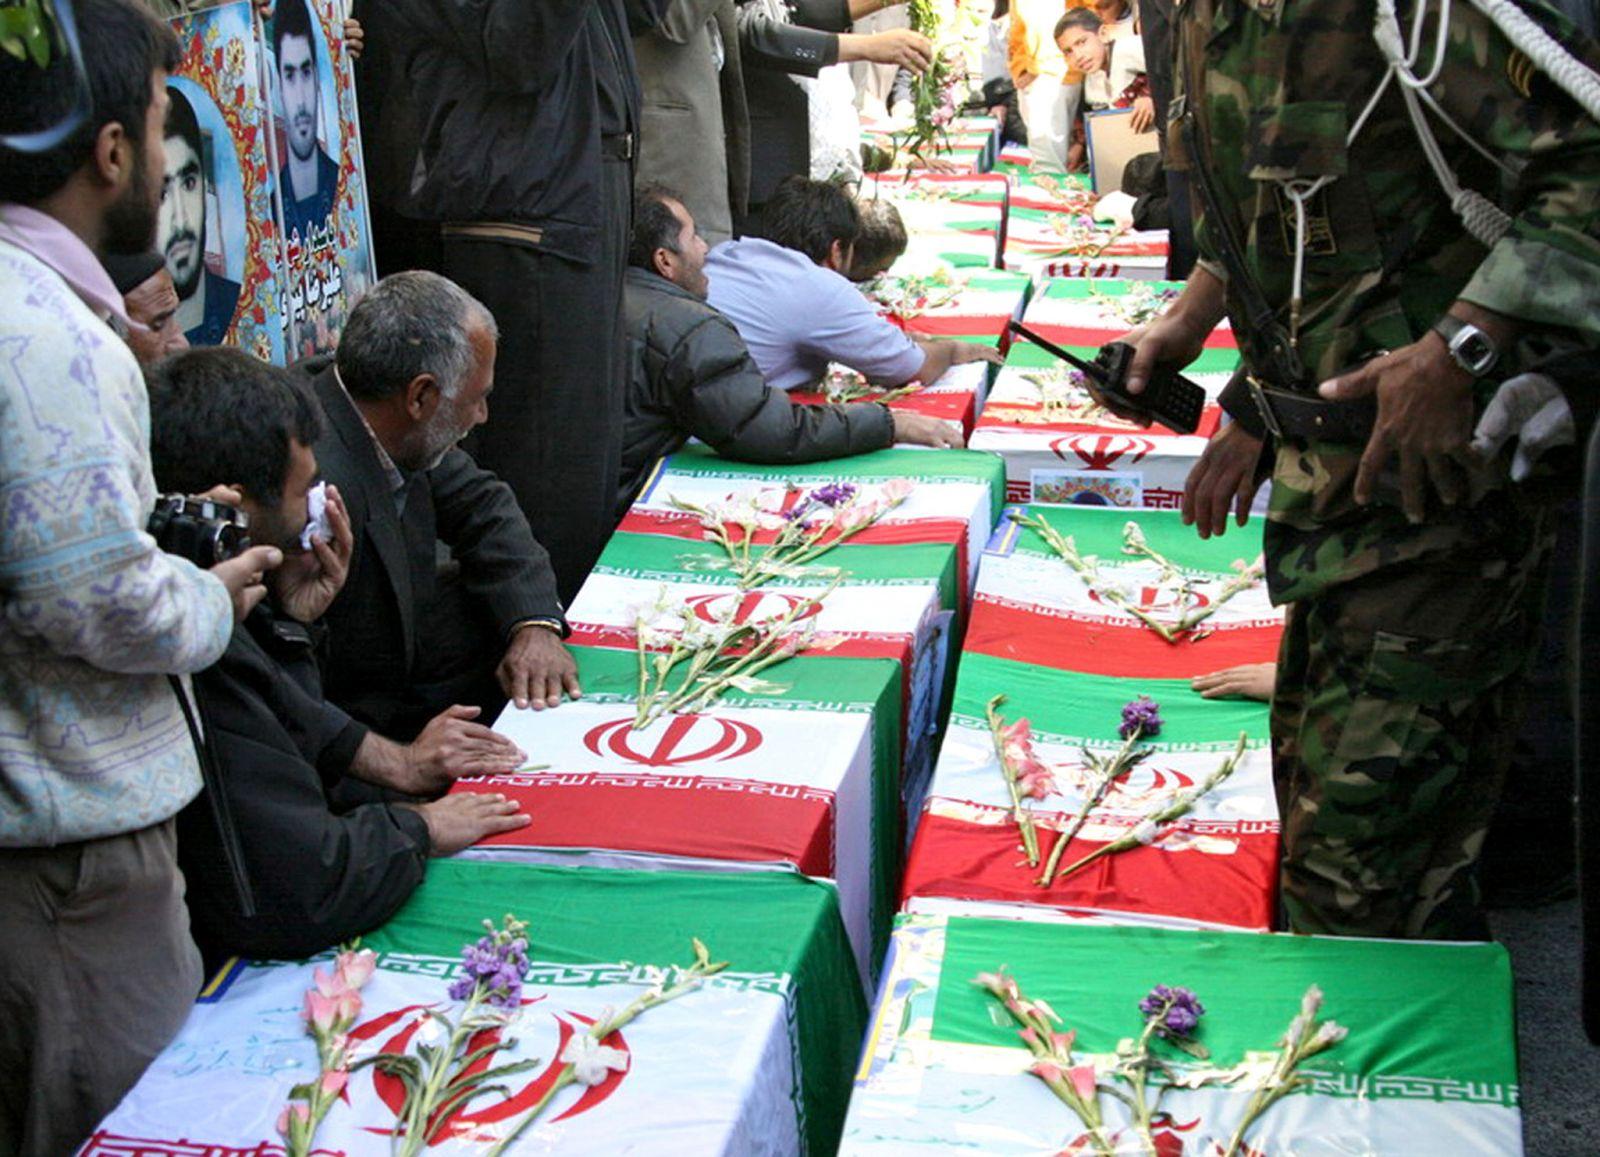 """مع استمرار تساقط """"رؤوس"""" في """"الحرس الثوري"""".. إيران تسعى لاستعادة حلب"""